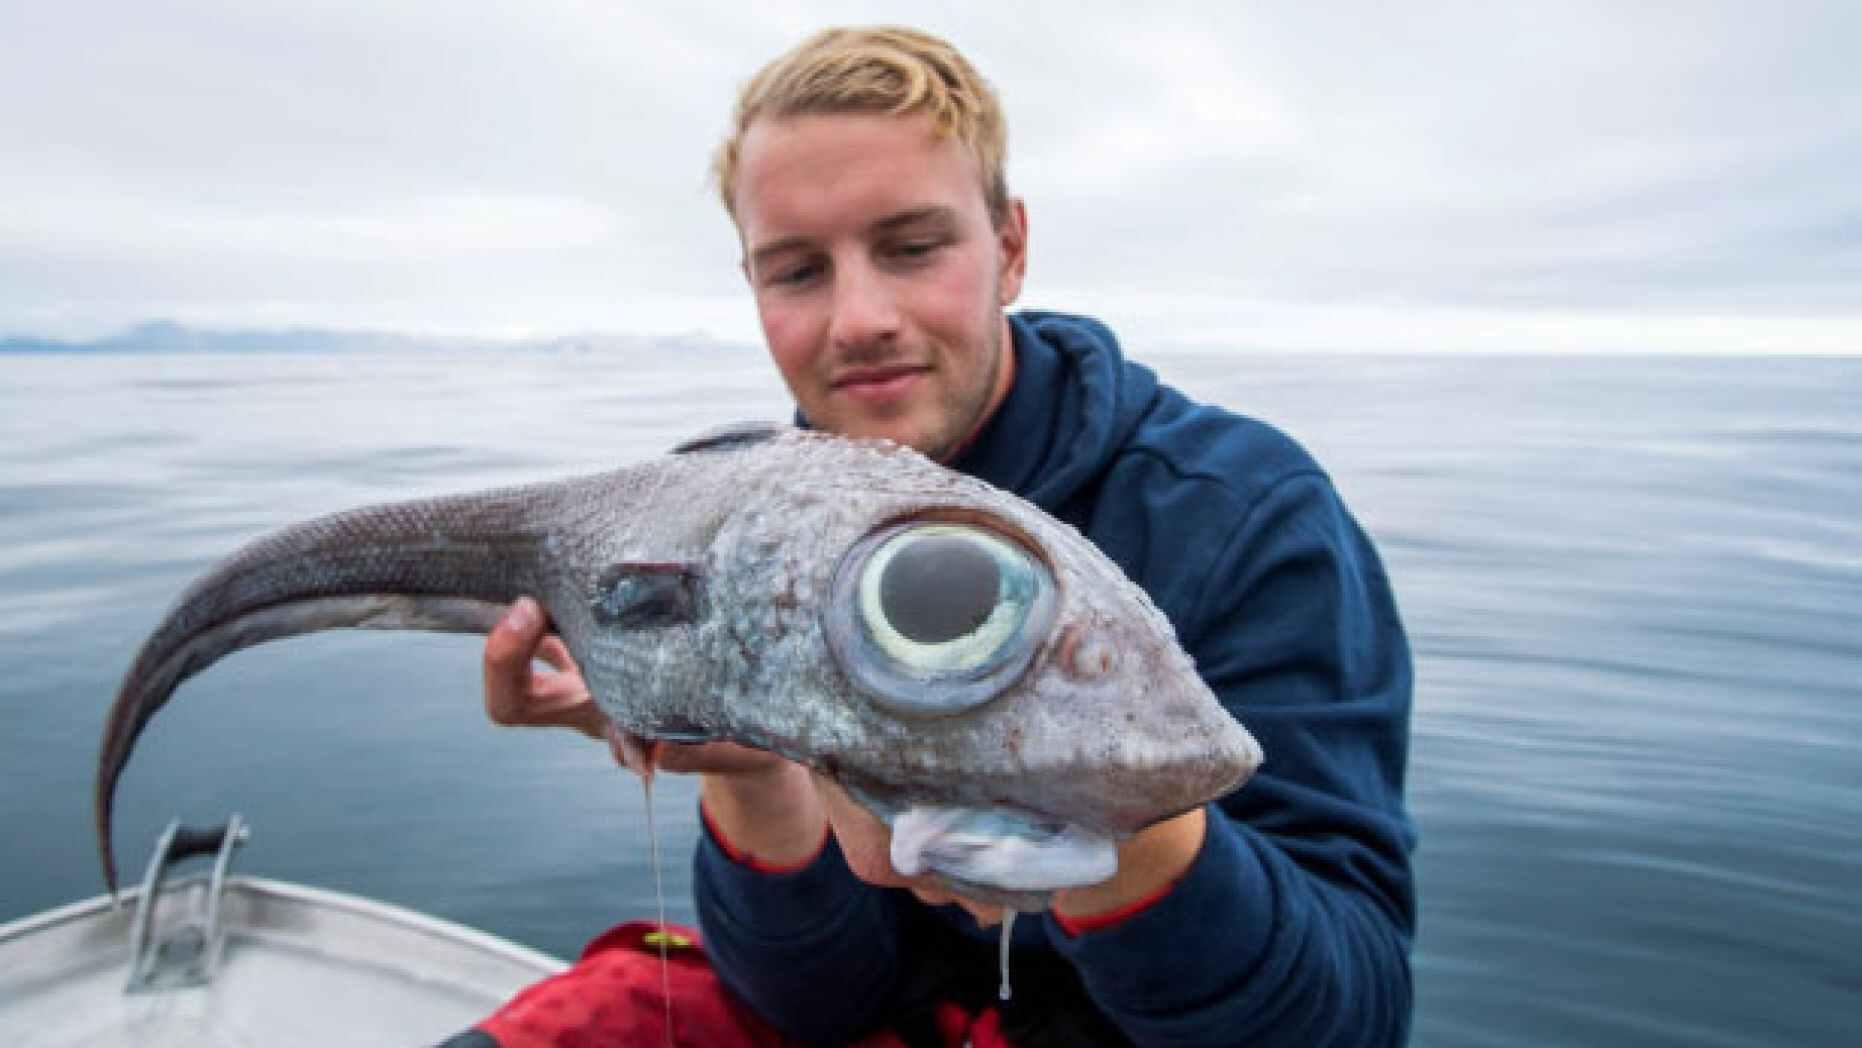 الصياد مع السمكة الغريبة